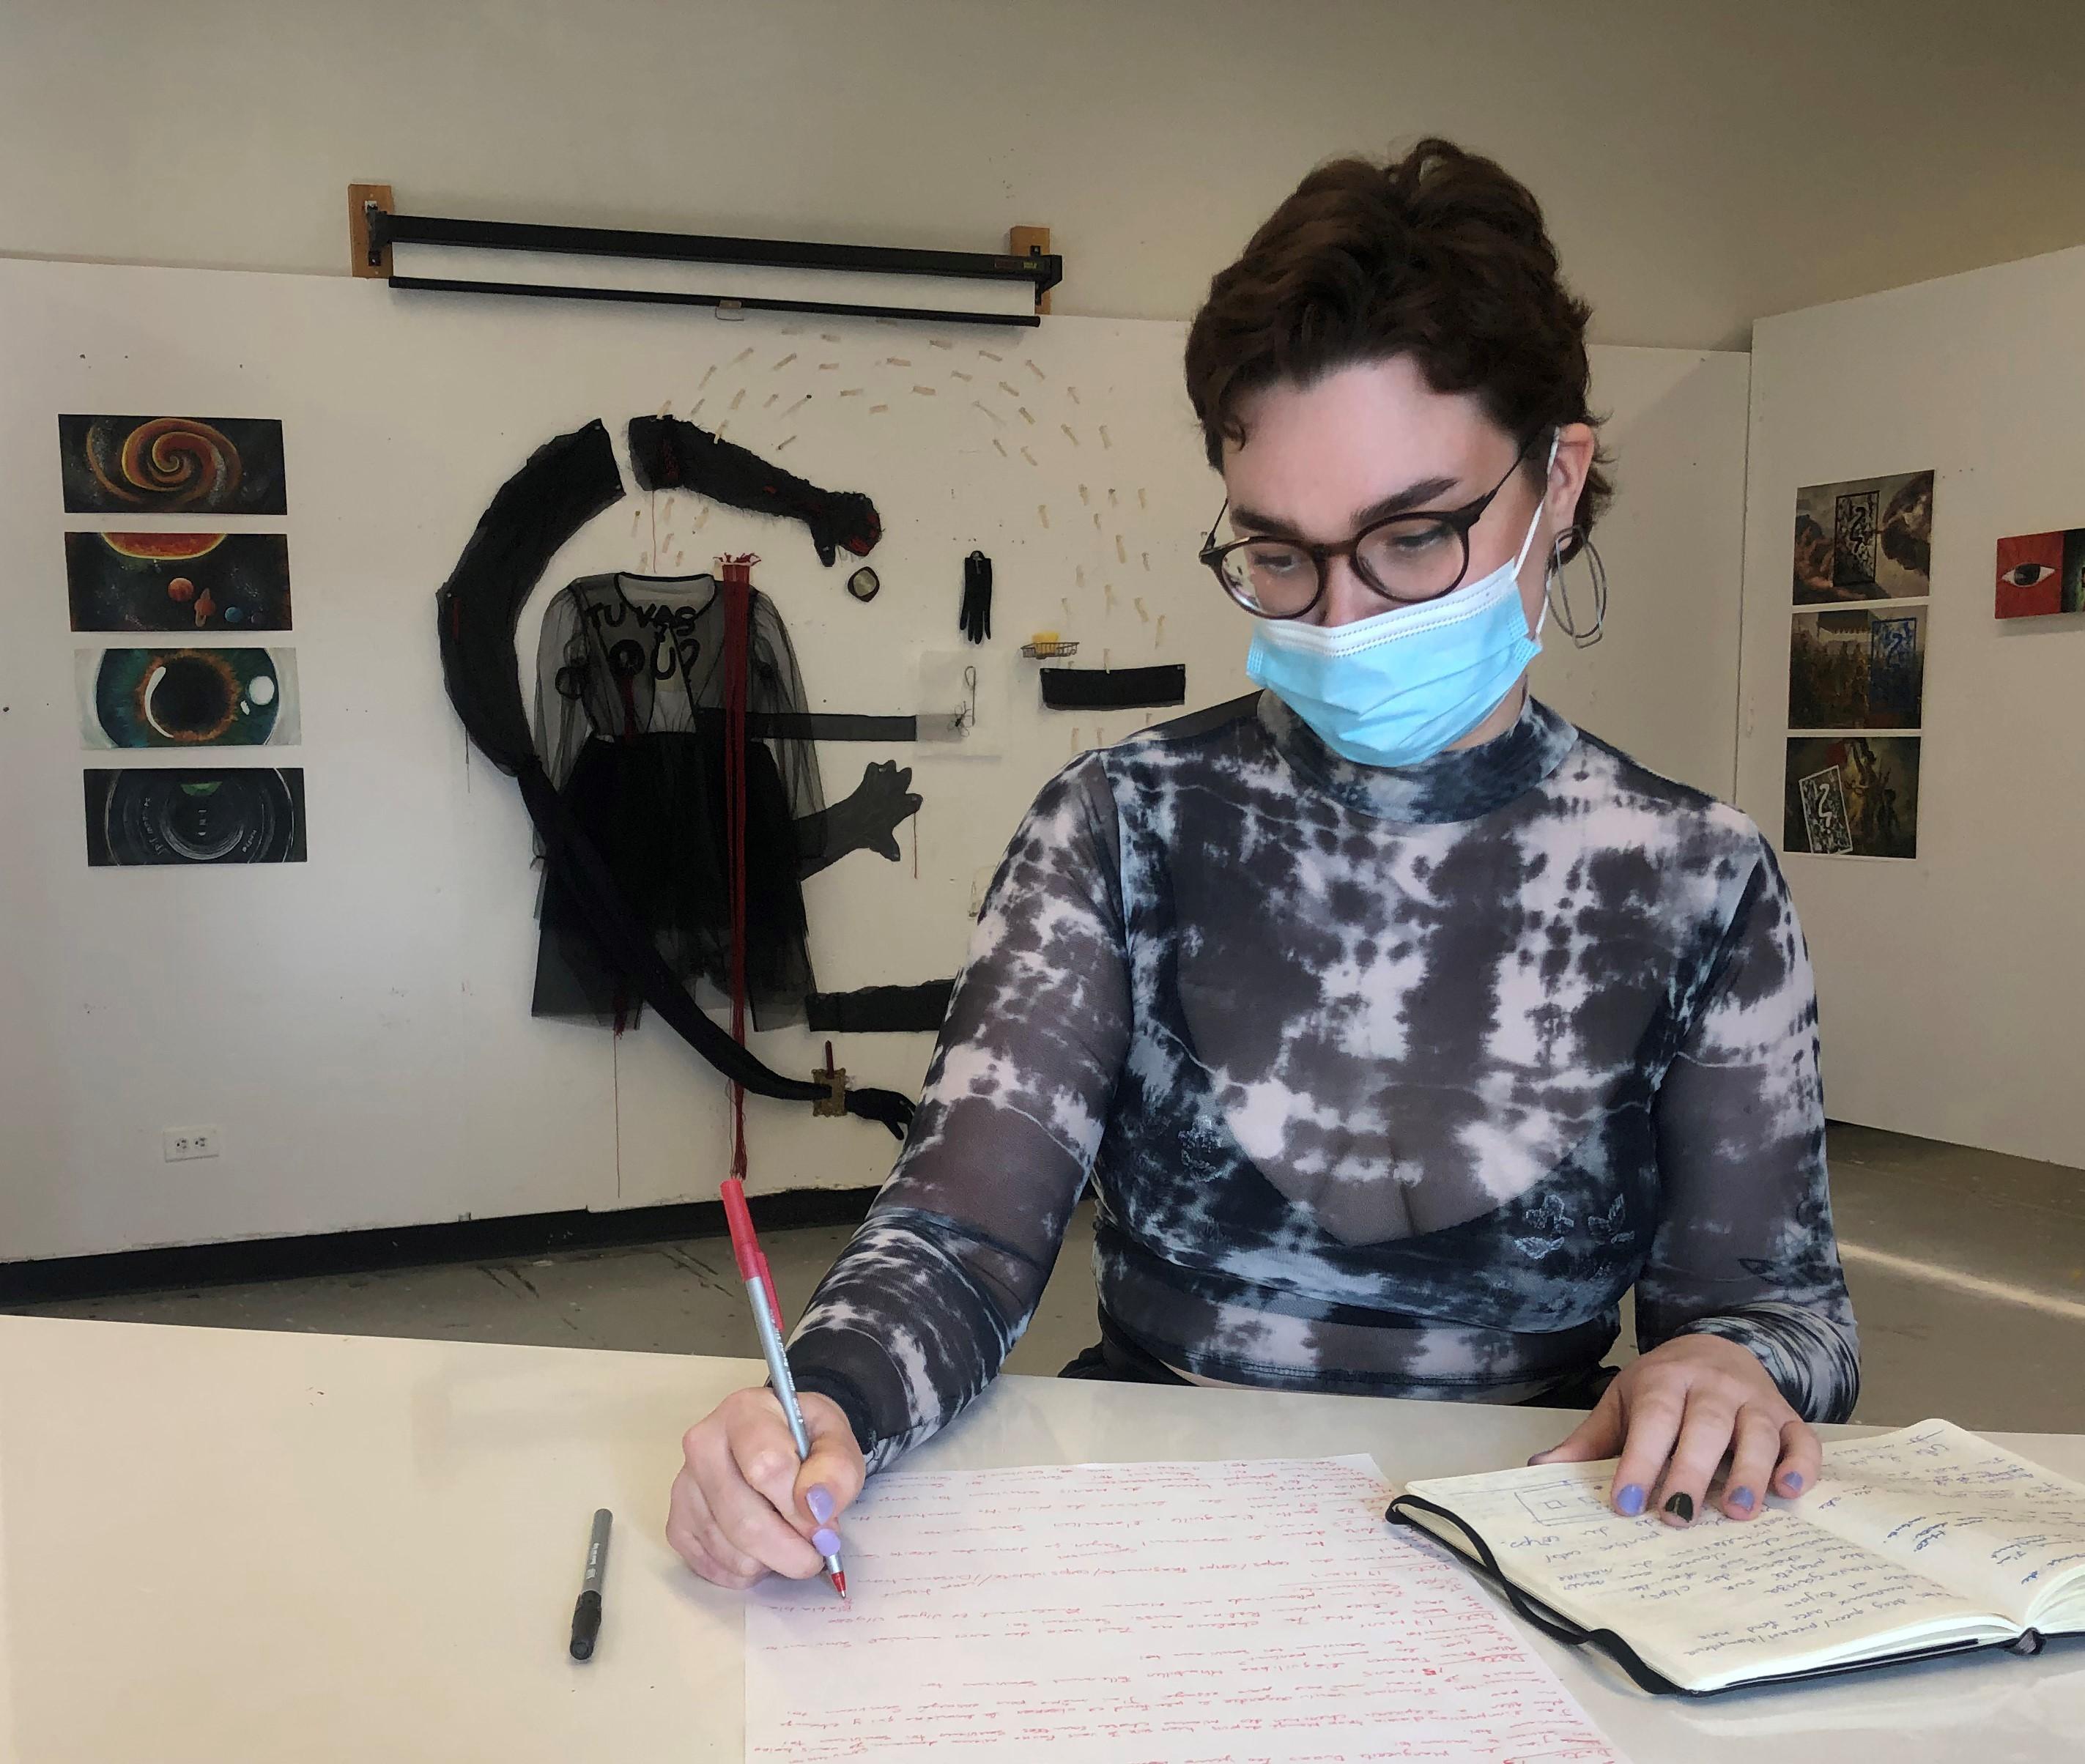 L'étudiante Florence Vinet fait partie de l'exposition « Hors les murs ». Cégep de Rimouski. Galerie d'art Léonard-Parent.